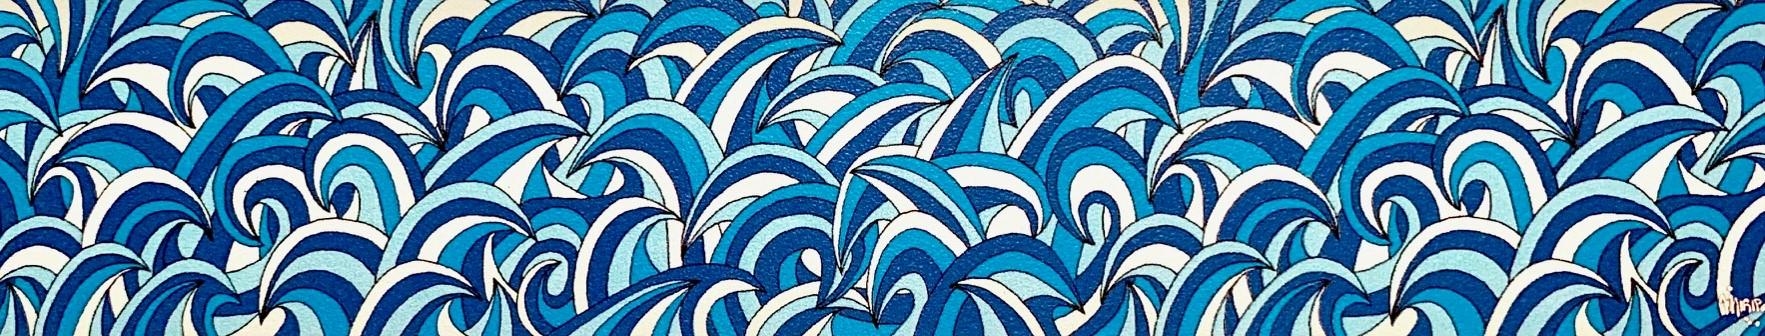 wave mural.jpg